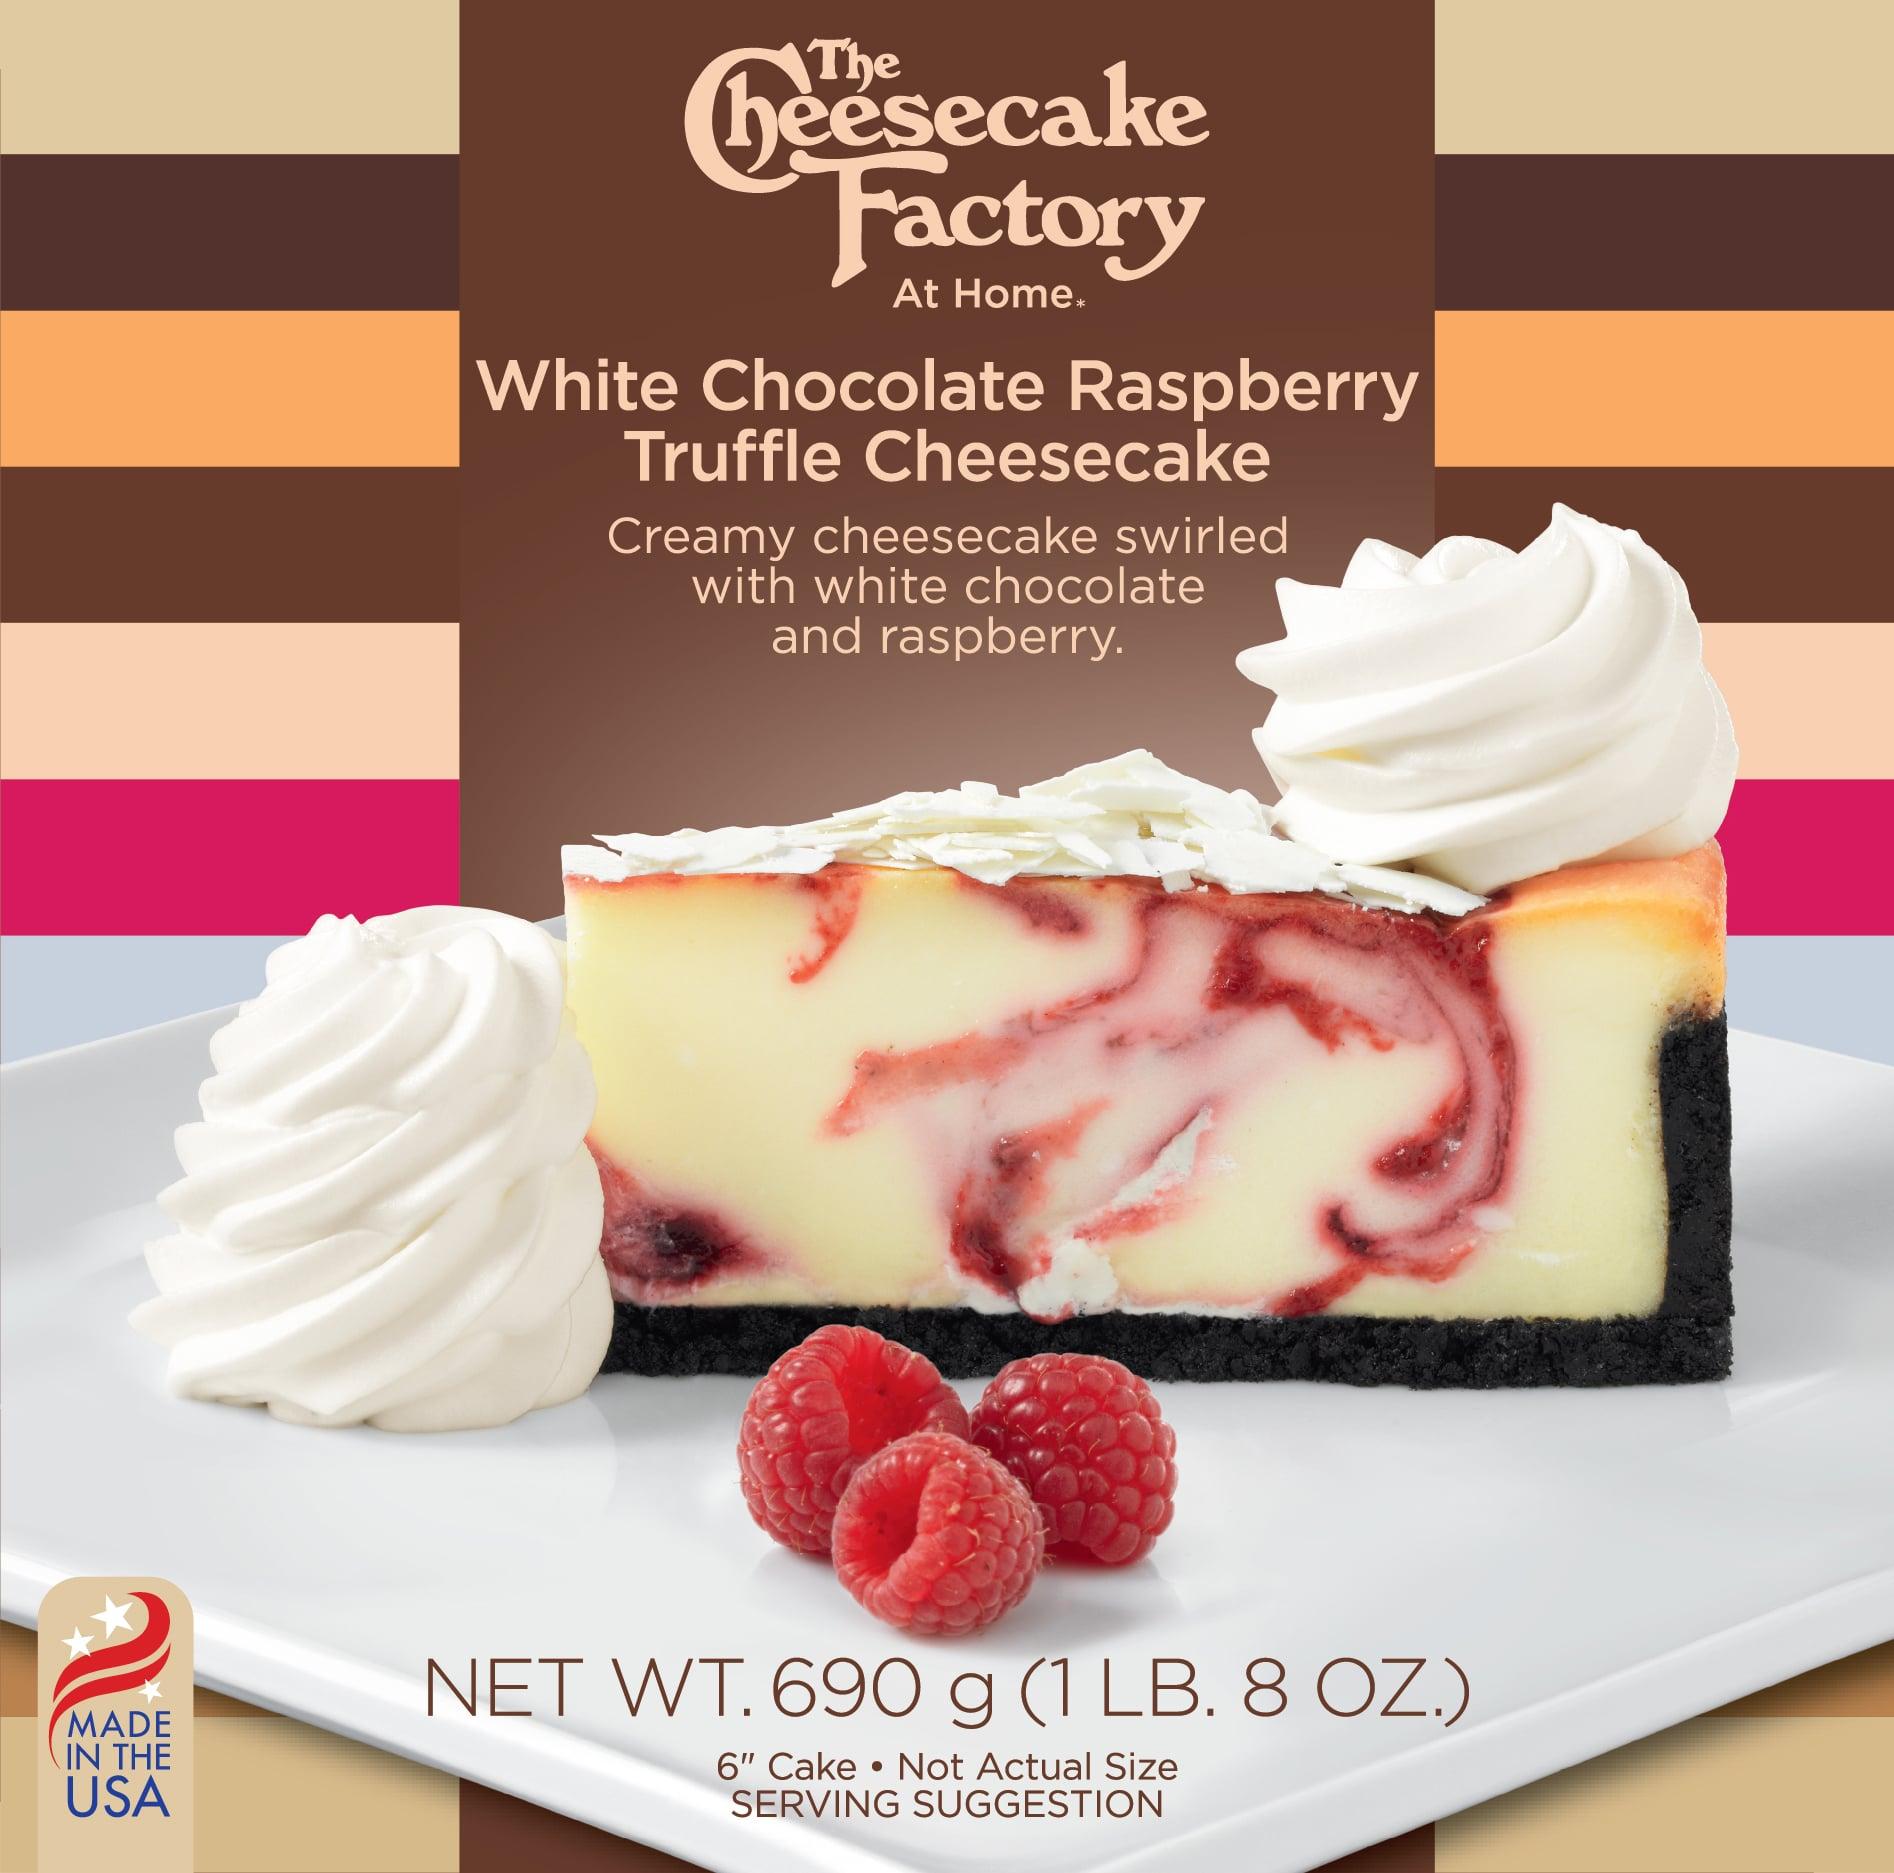 6 inch White Chocolate Raspberry Truffle Cheesecake